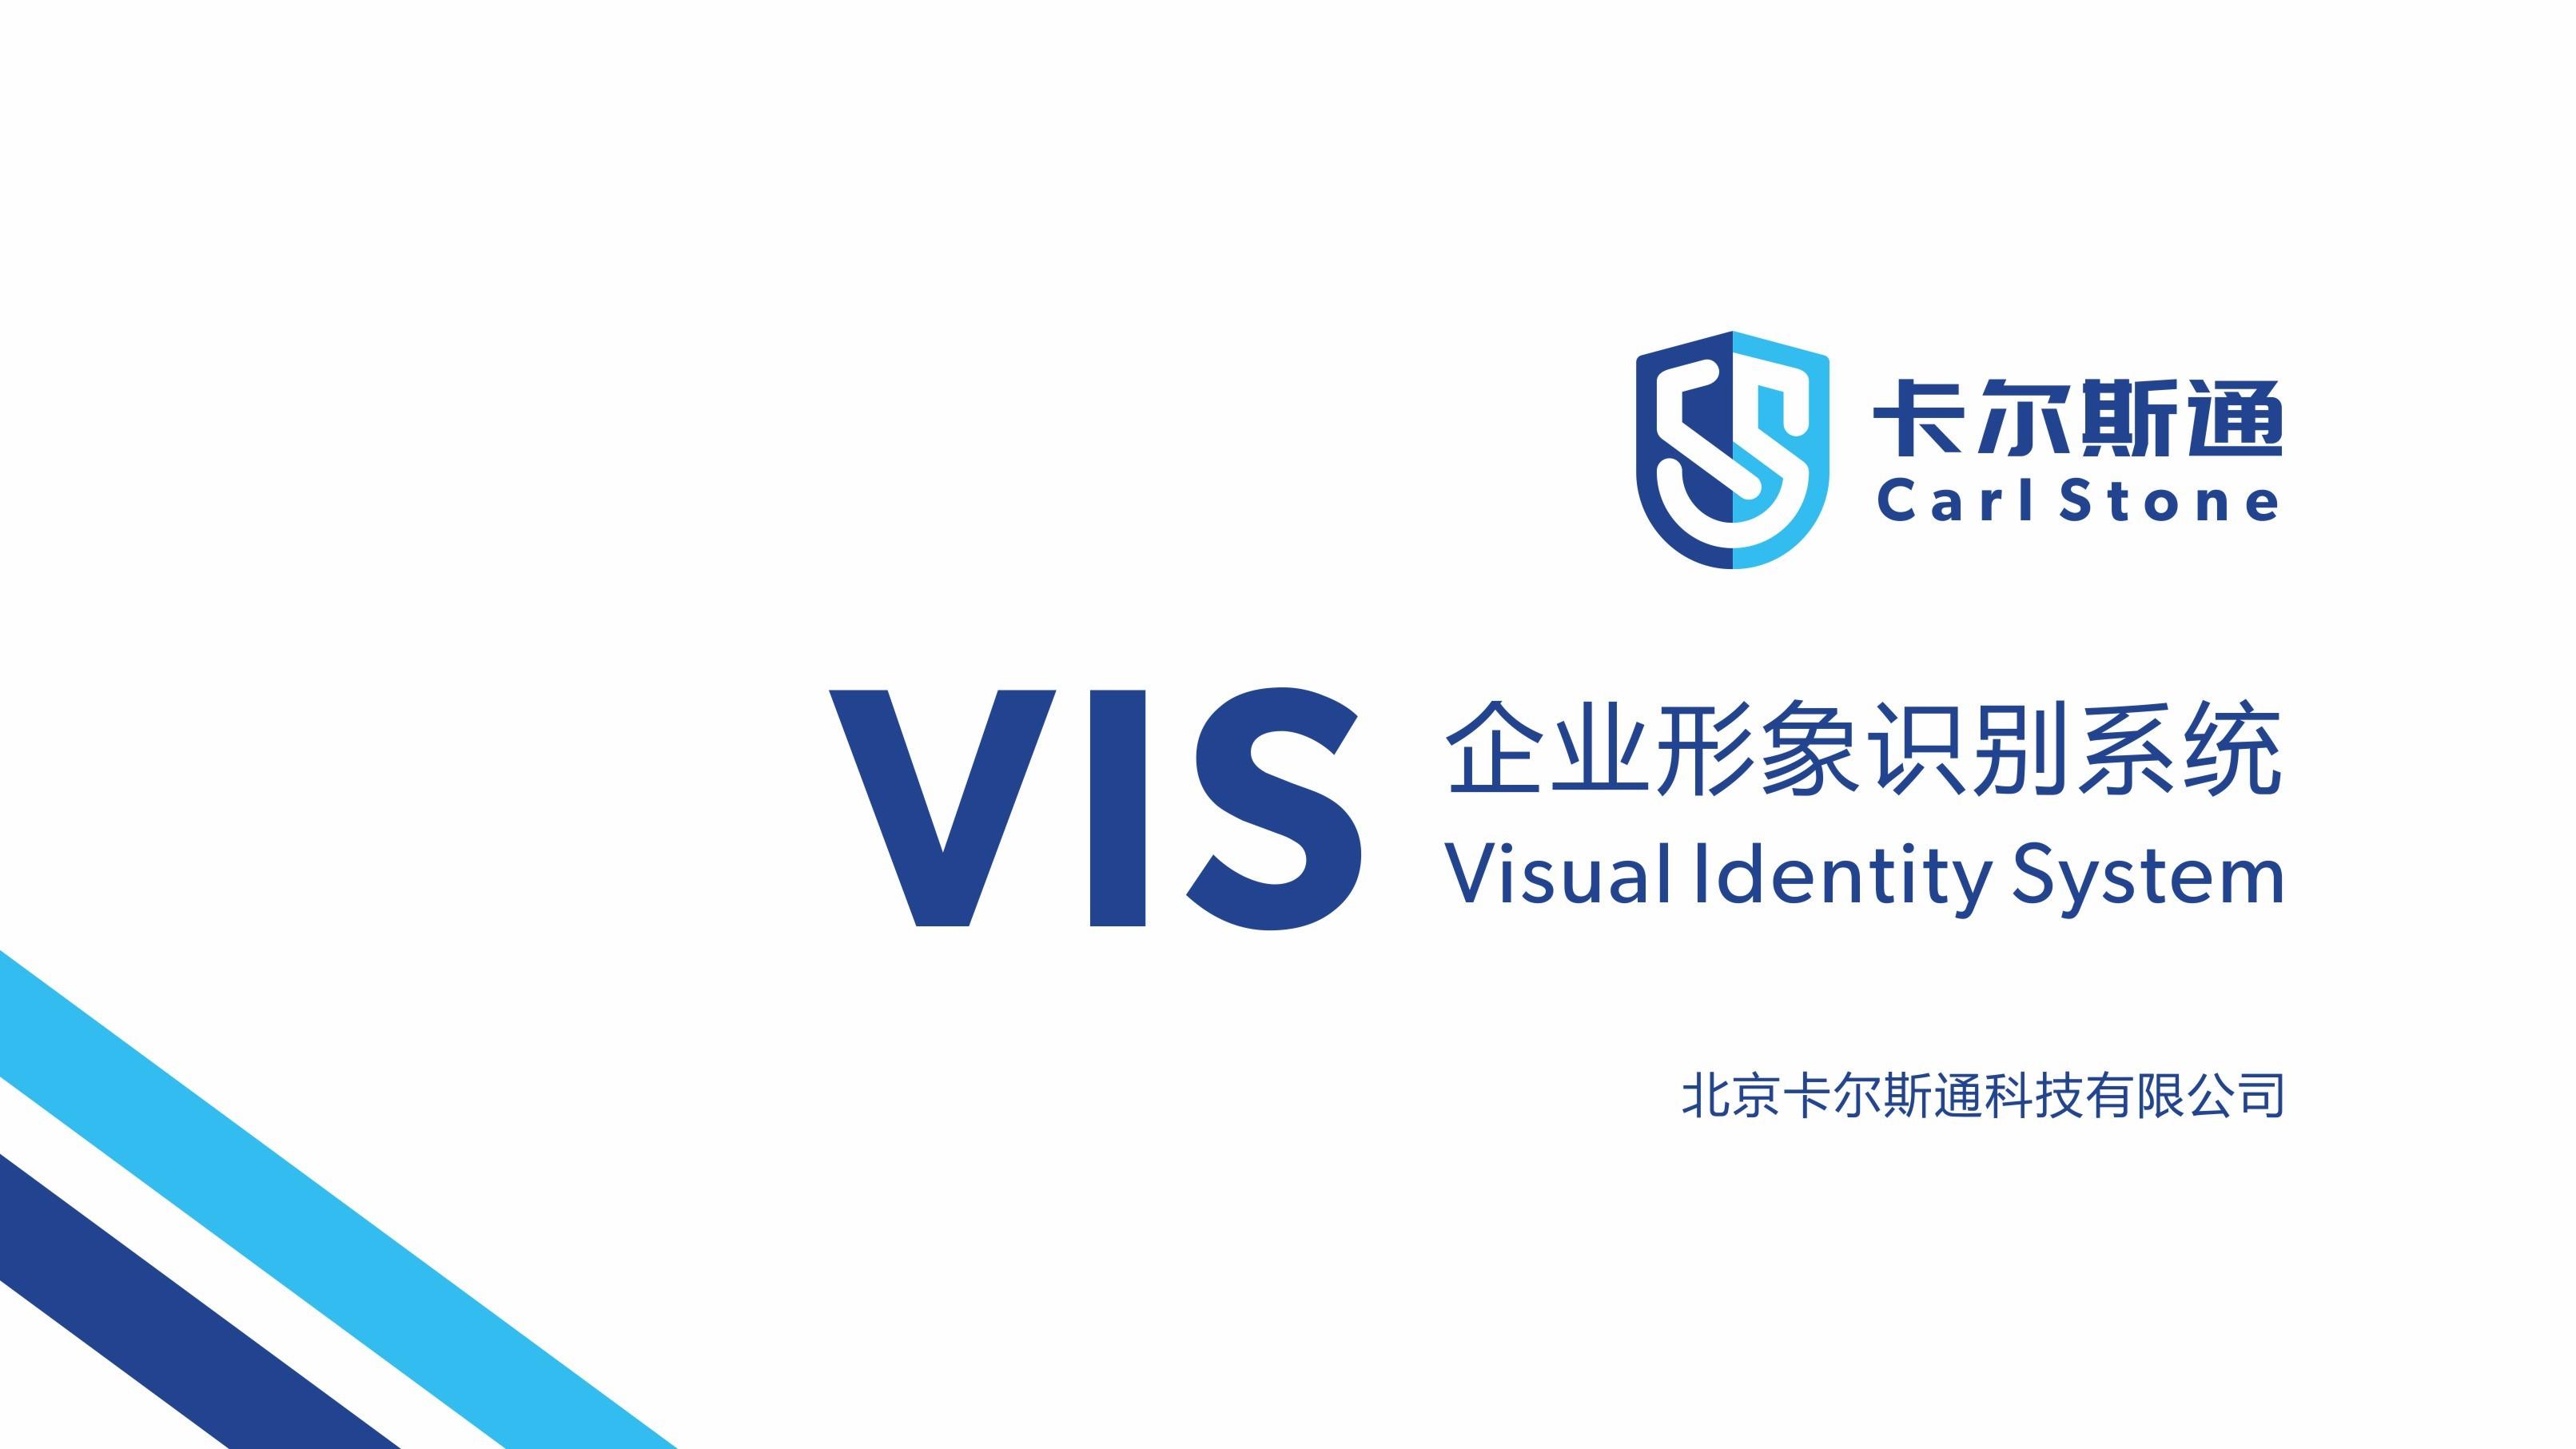 卡尔斯通(VI)